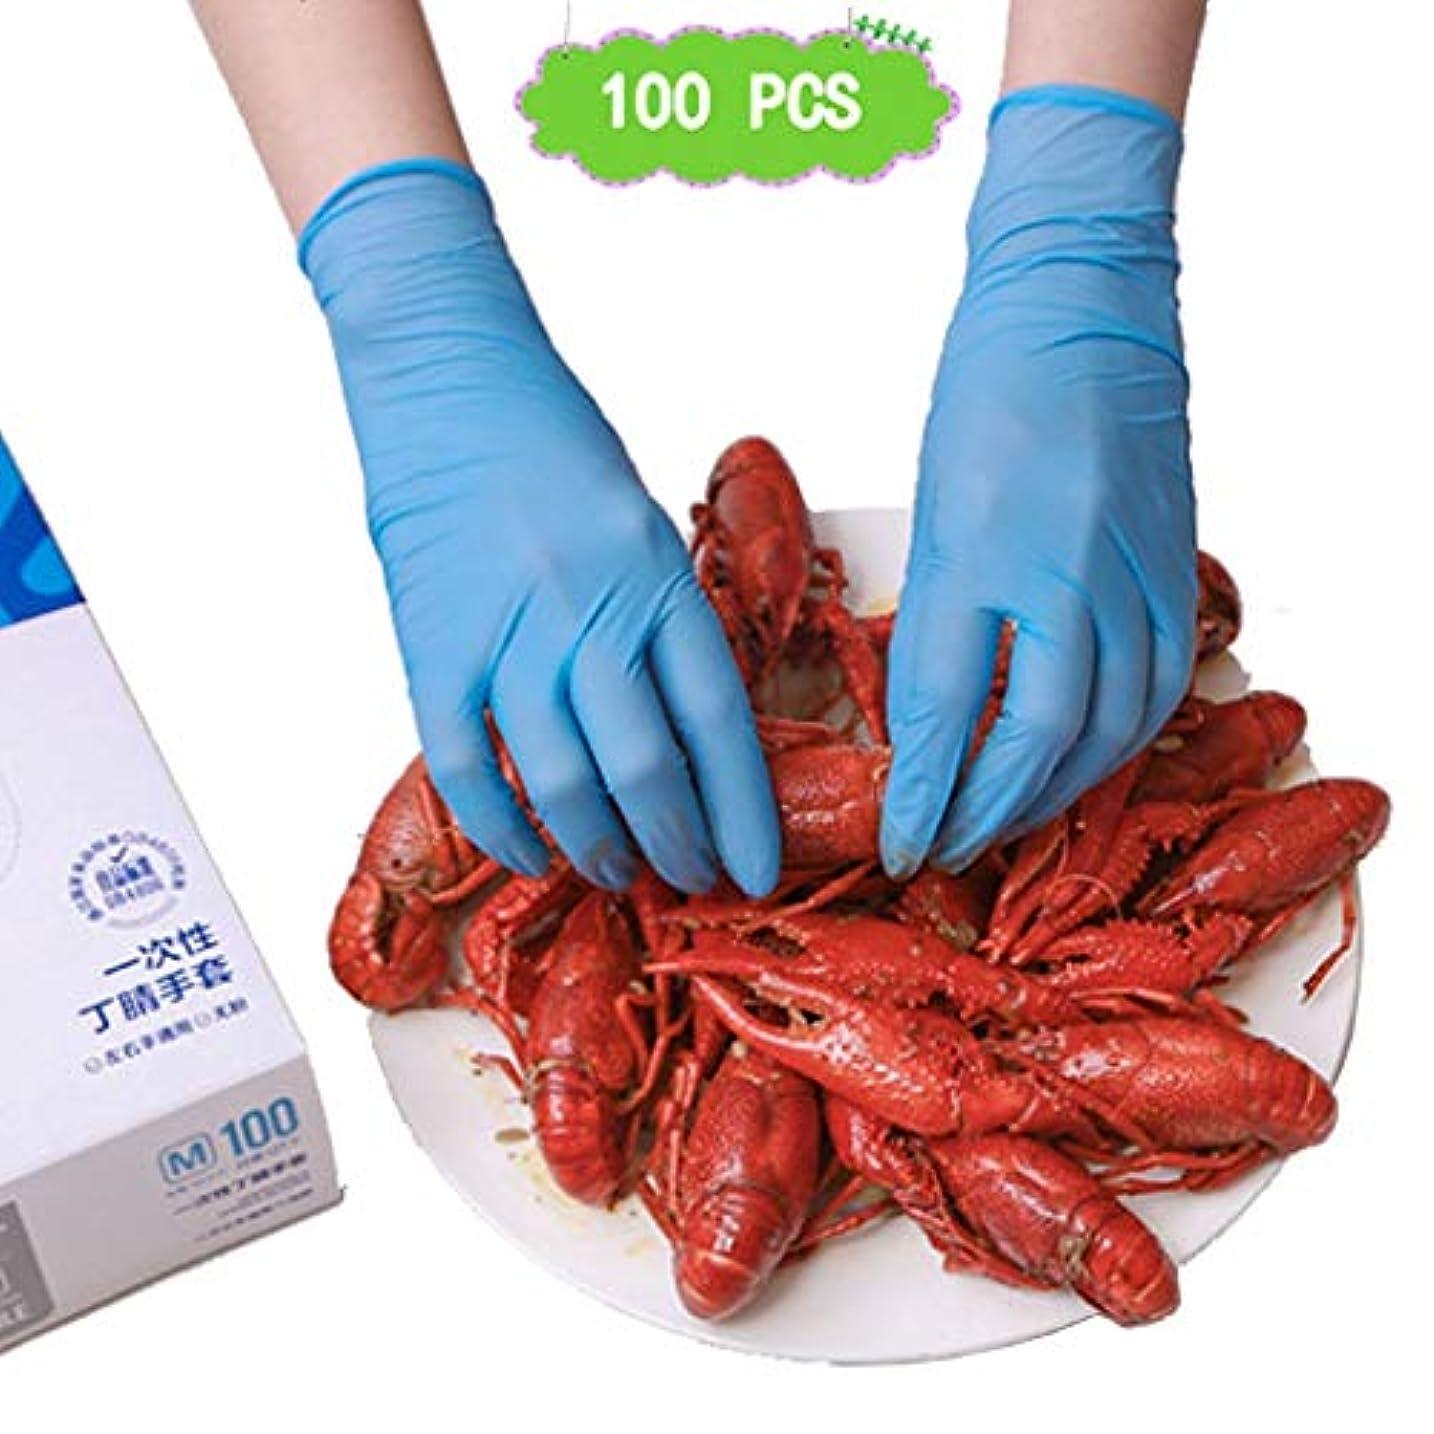 覆すルーキー用量ニトリル手袋、滑り止め使い捨て手袋ペットケアブルーフィンガーヘンプキッチンクリーニングエビビューティーサロンラテックスフリー、ダークブルーパウダーフリー、100個 (Size : S)